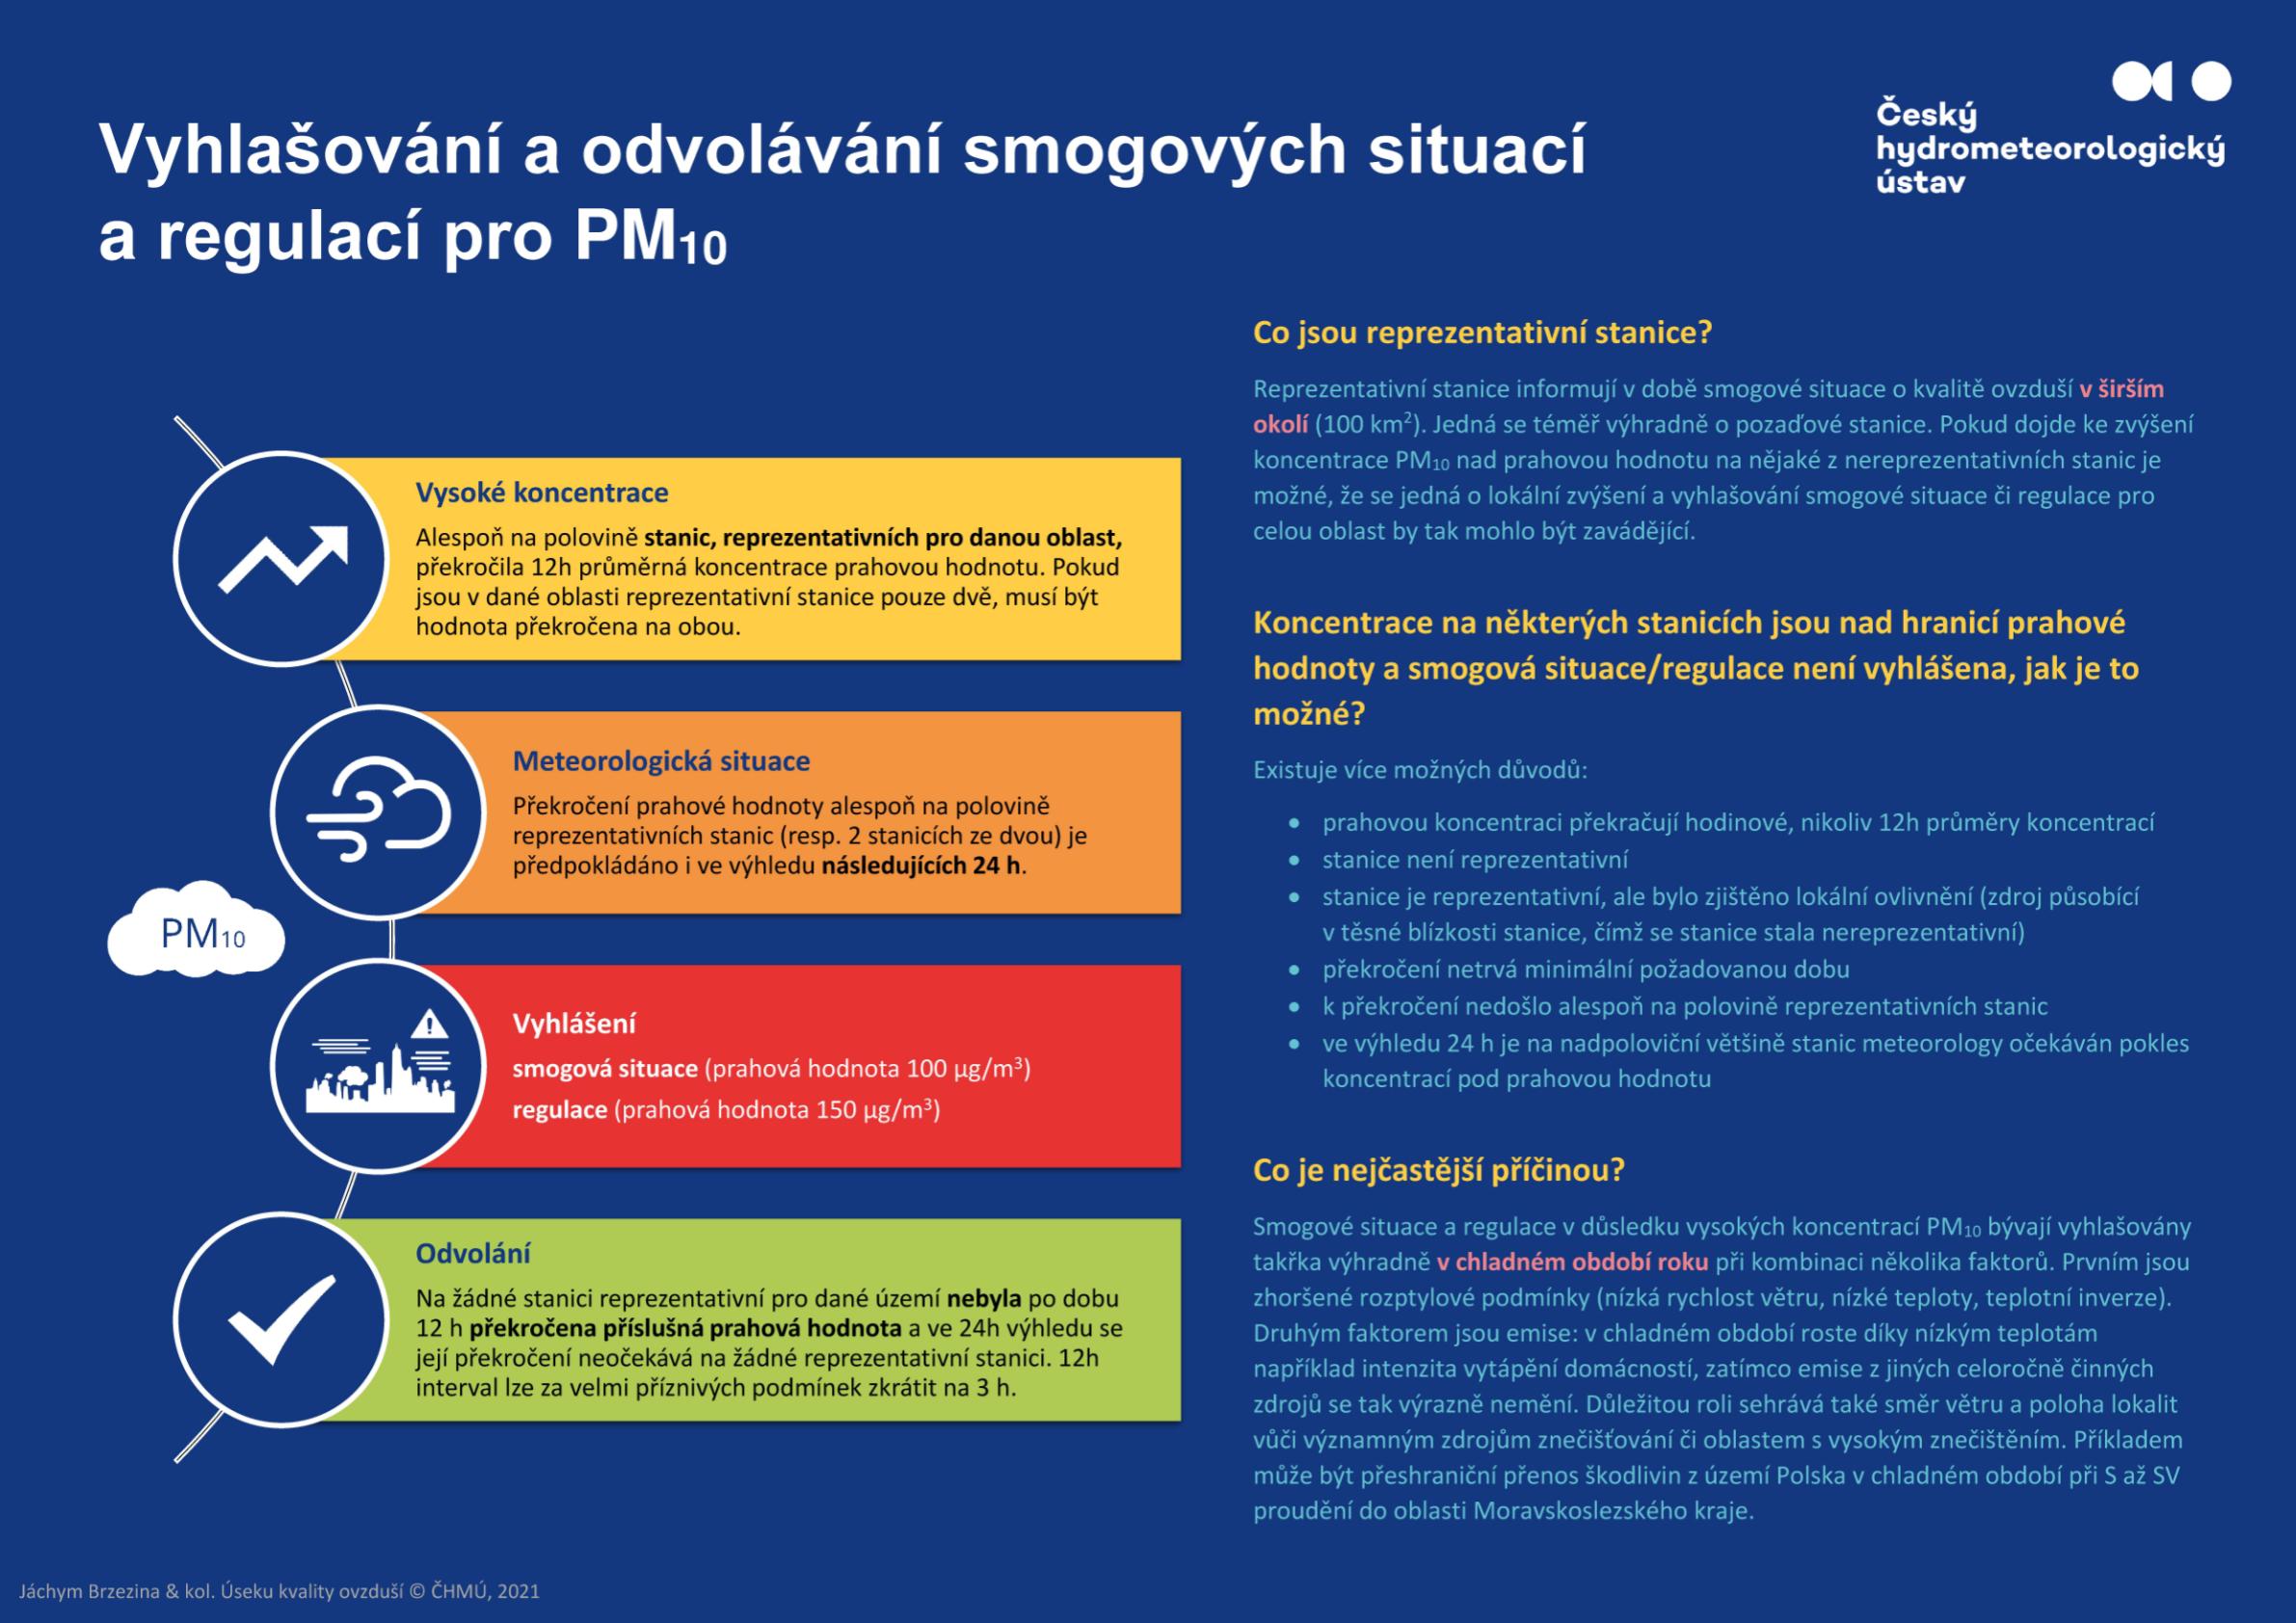 Vyhlašování a odvolávání smogových situací pro PM10*